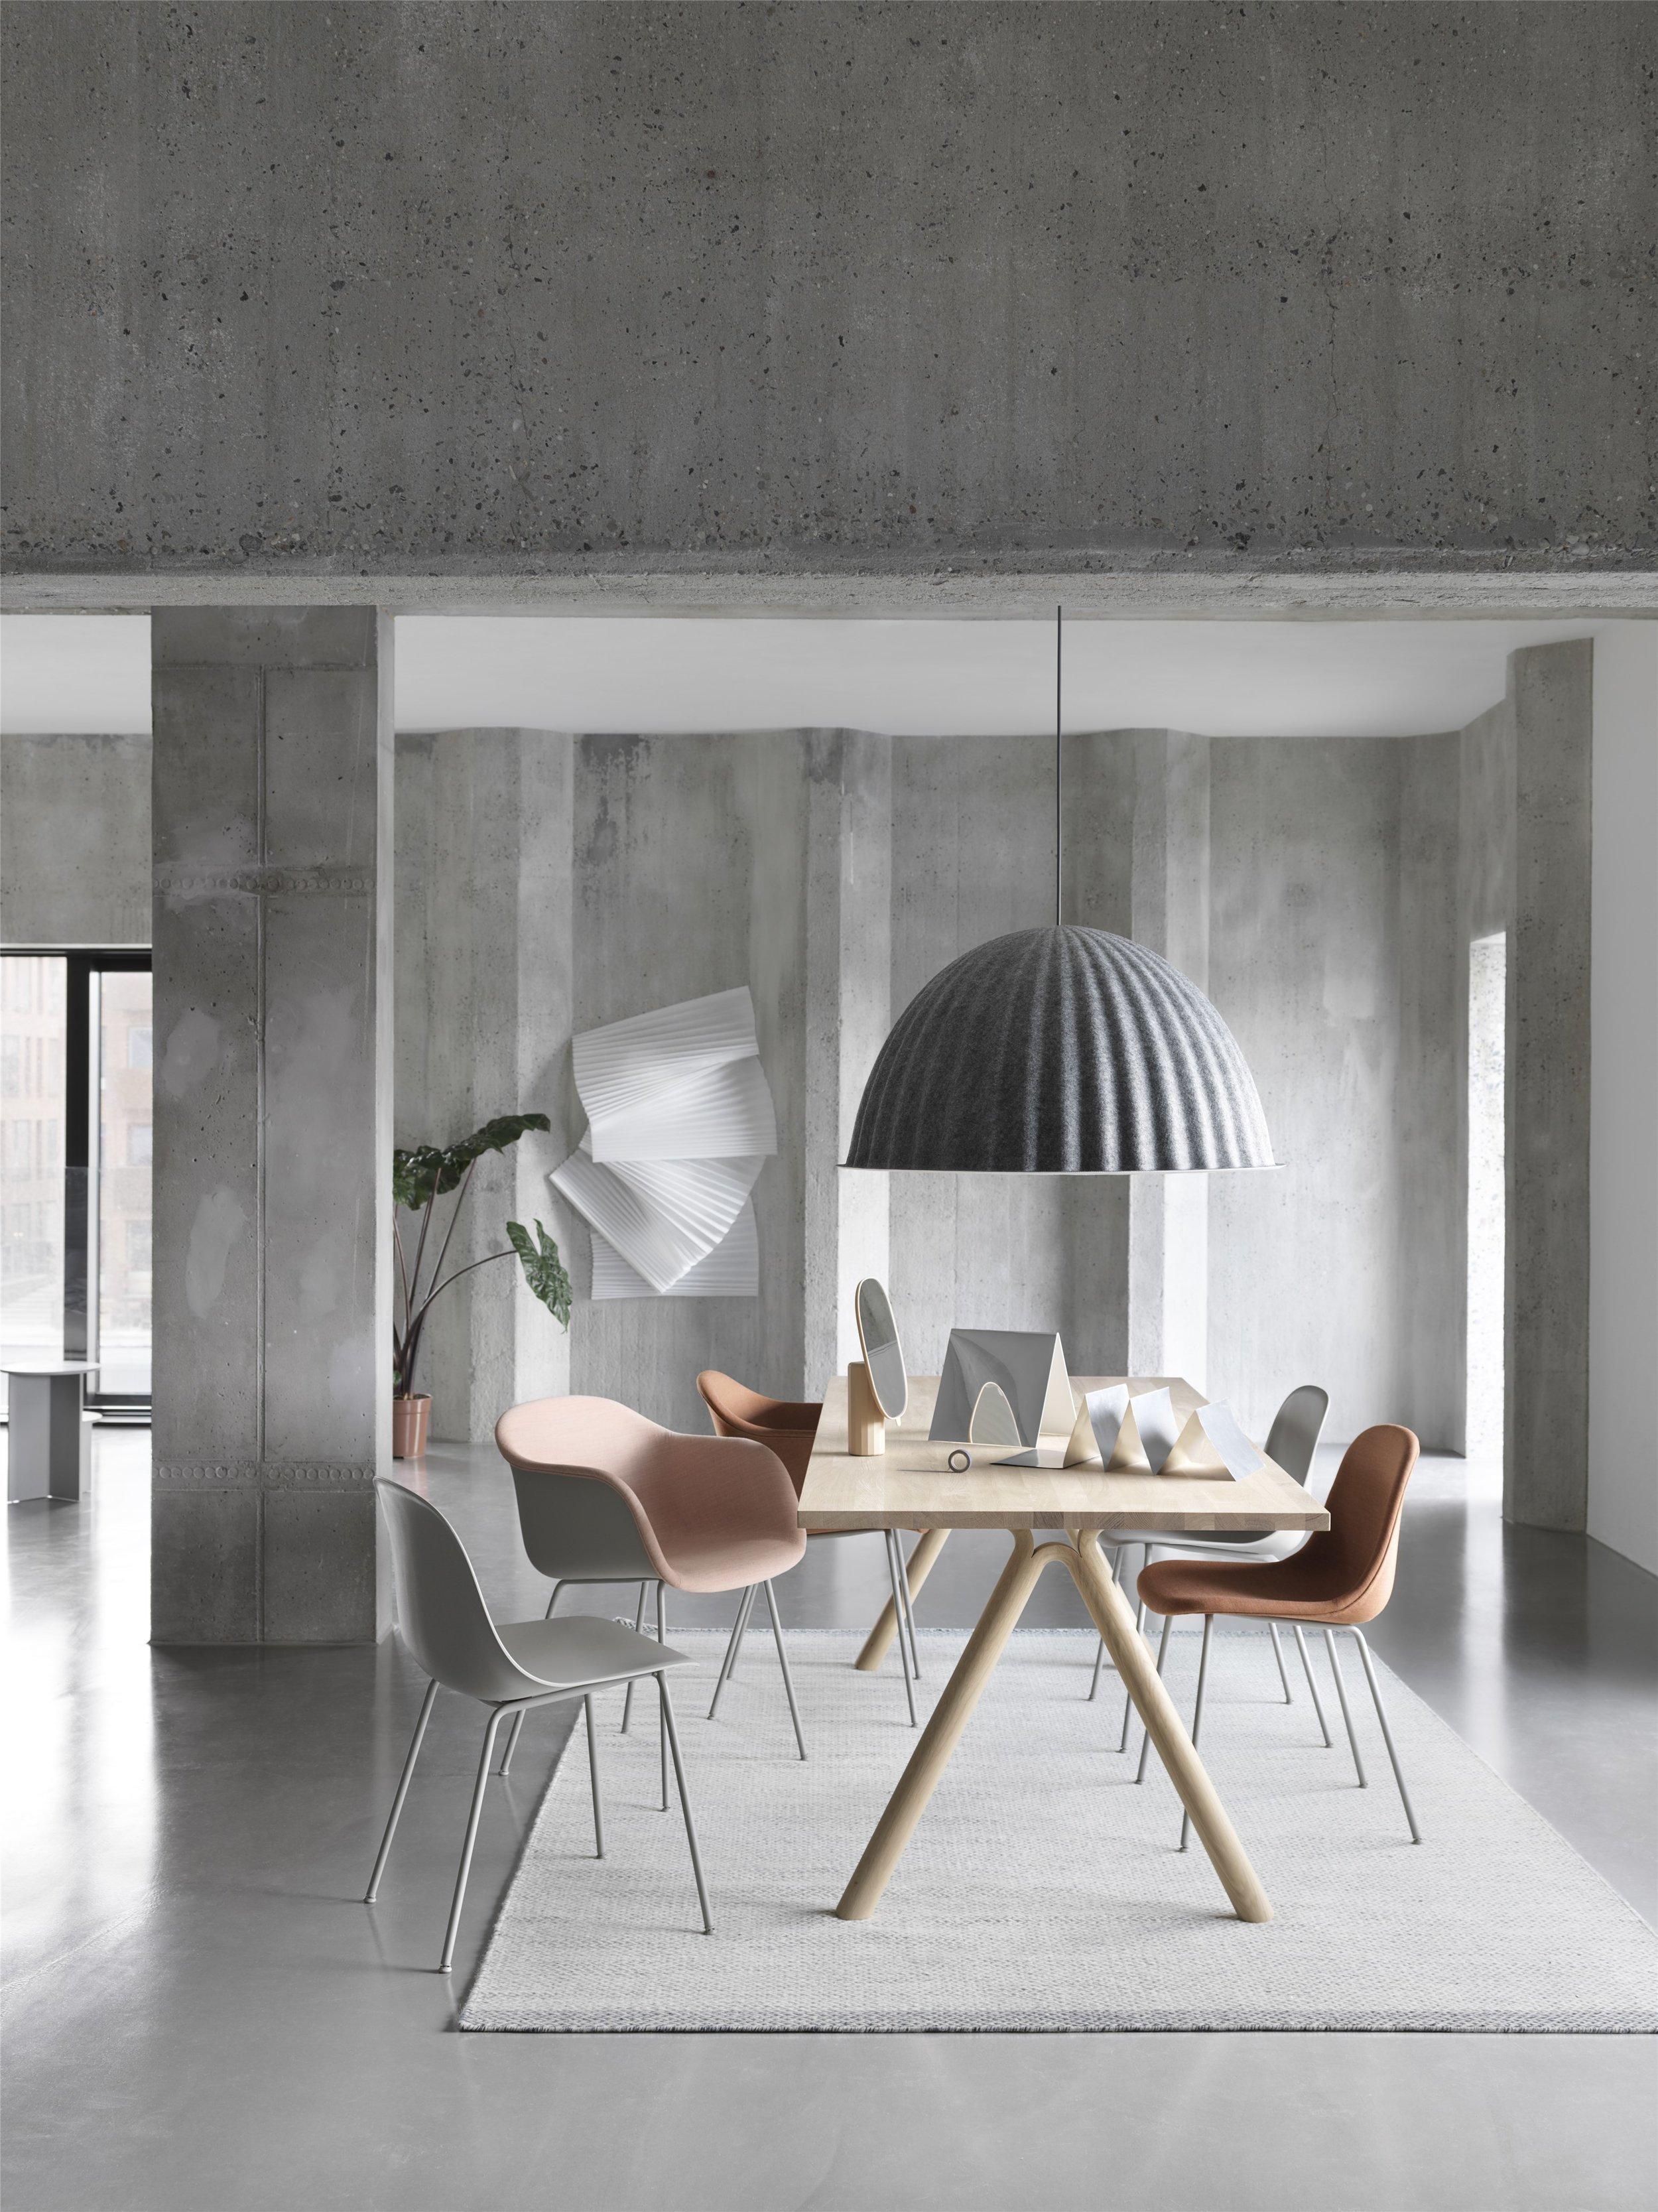 Split-Table-Fiber-Side-Armchair-tube-front-upholstery-Mimic-Under-The-Bell-org_(150).jpg